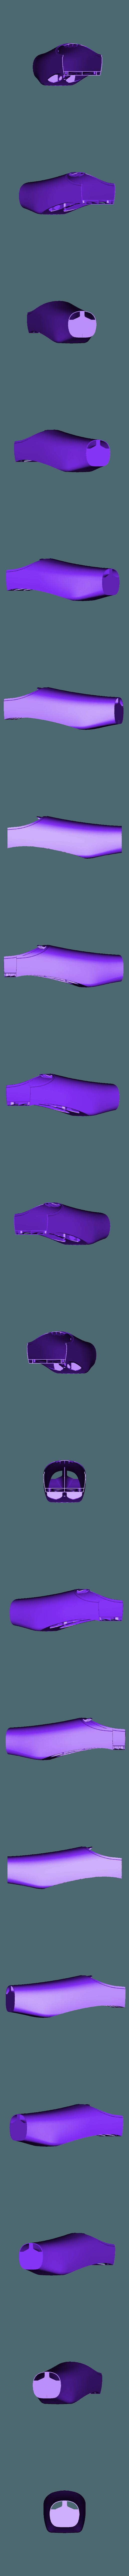 Fus2.stl Télécharger fichier STL gratuit Avion RC FPV - Fuselage modèle V • Plan pour imprimante 3D, Eclipson